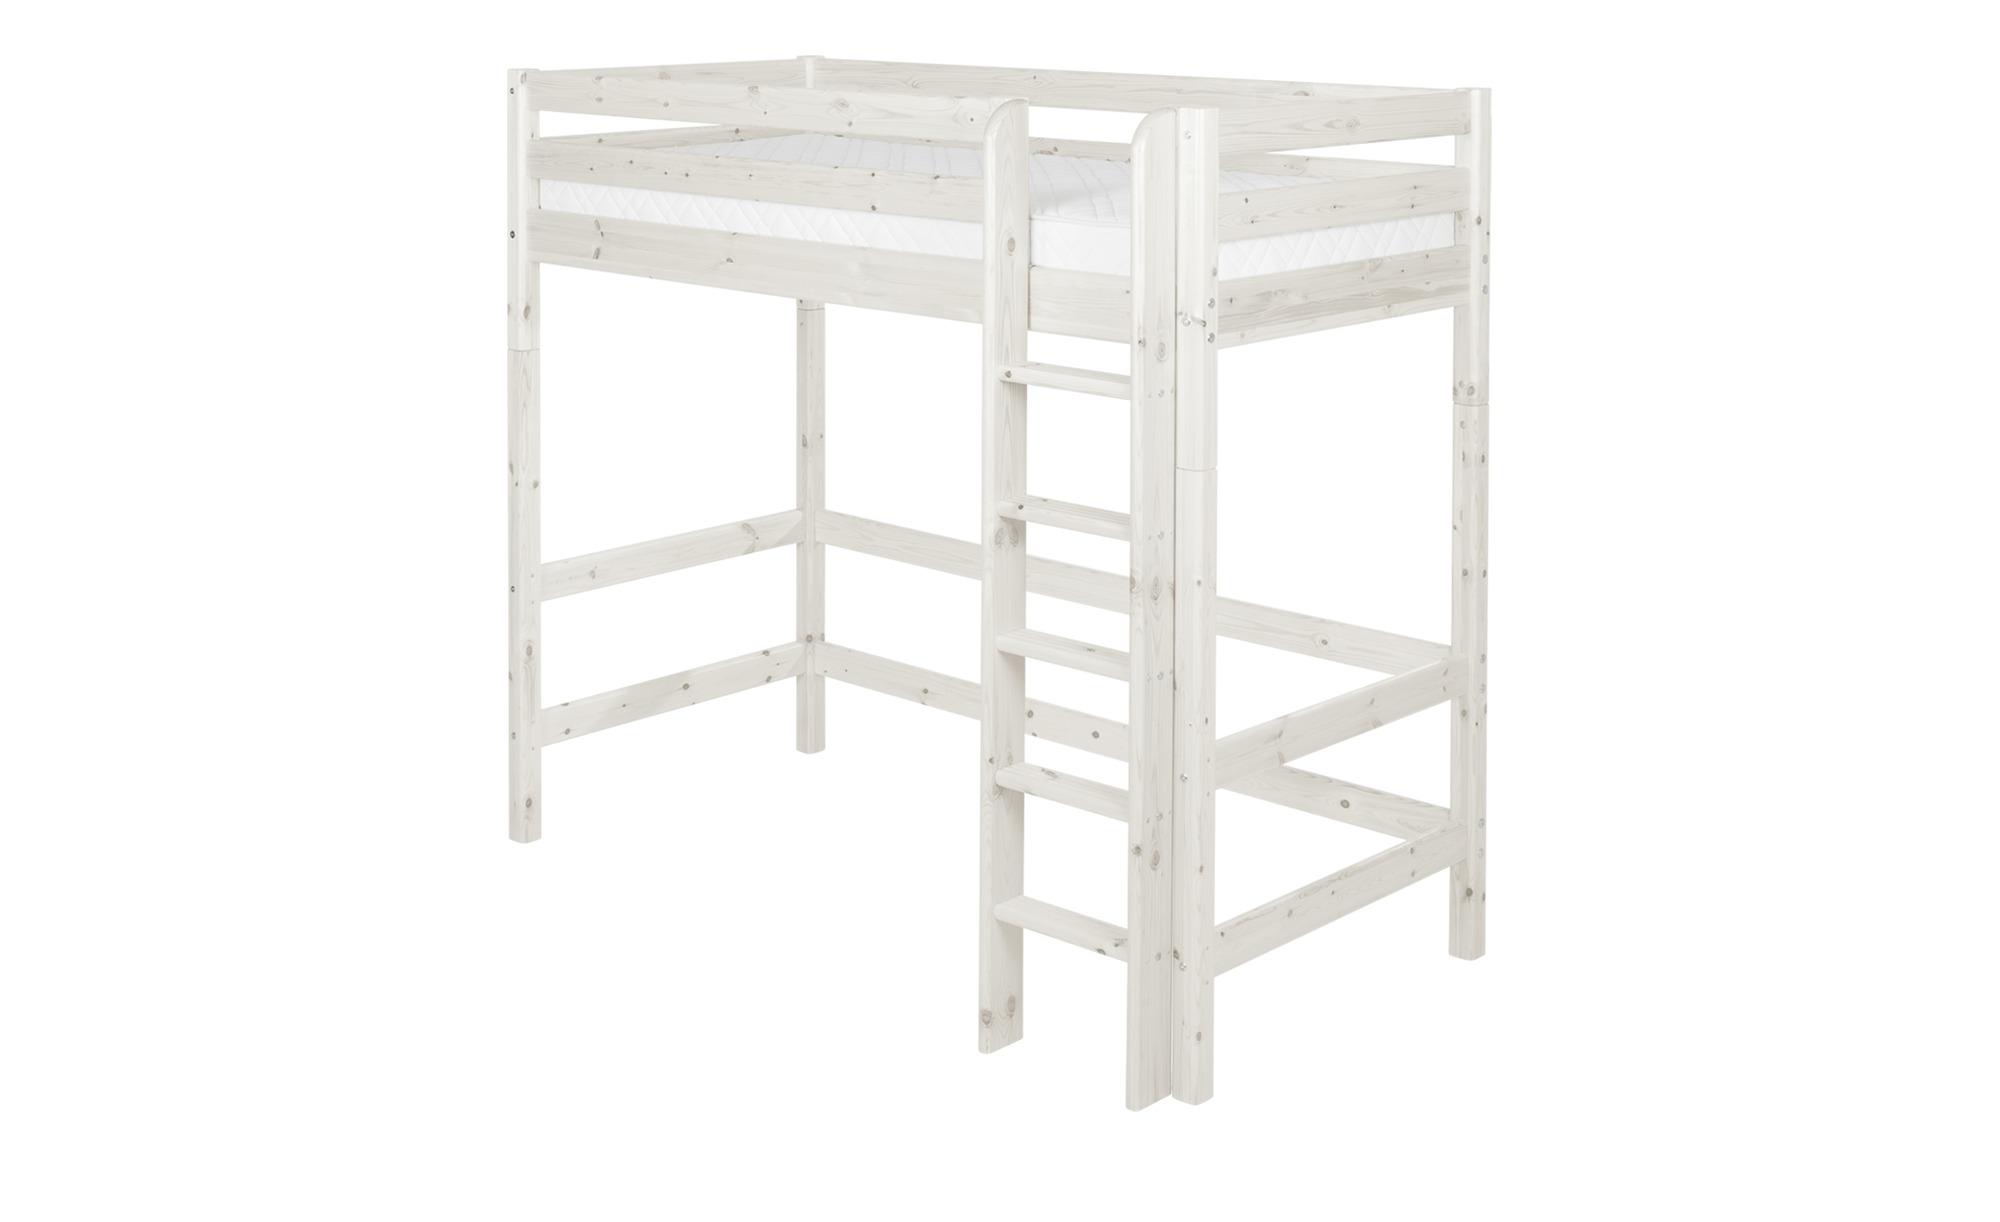 flexa hochbett flexa classic breite 110 cm h he 185 cm wei online kaufen bei woonio. Black Bedroom Furniture Sets. Home Design Ideas